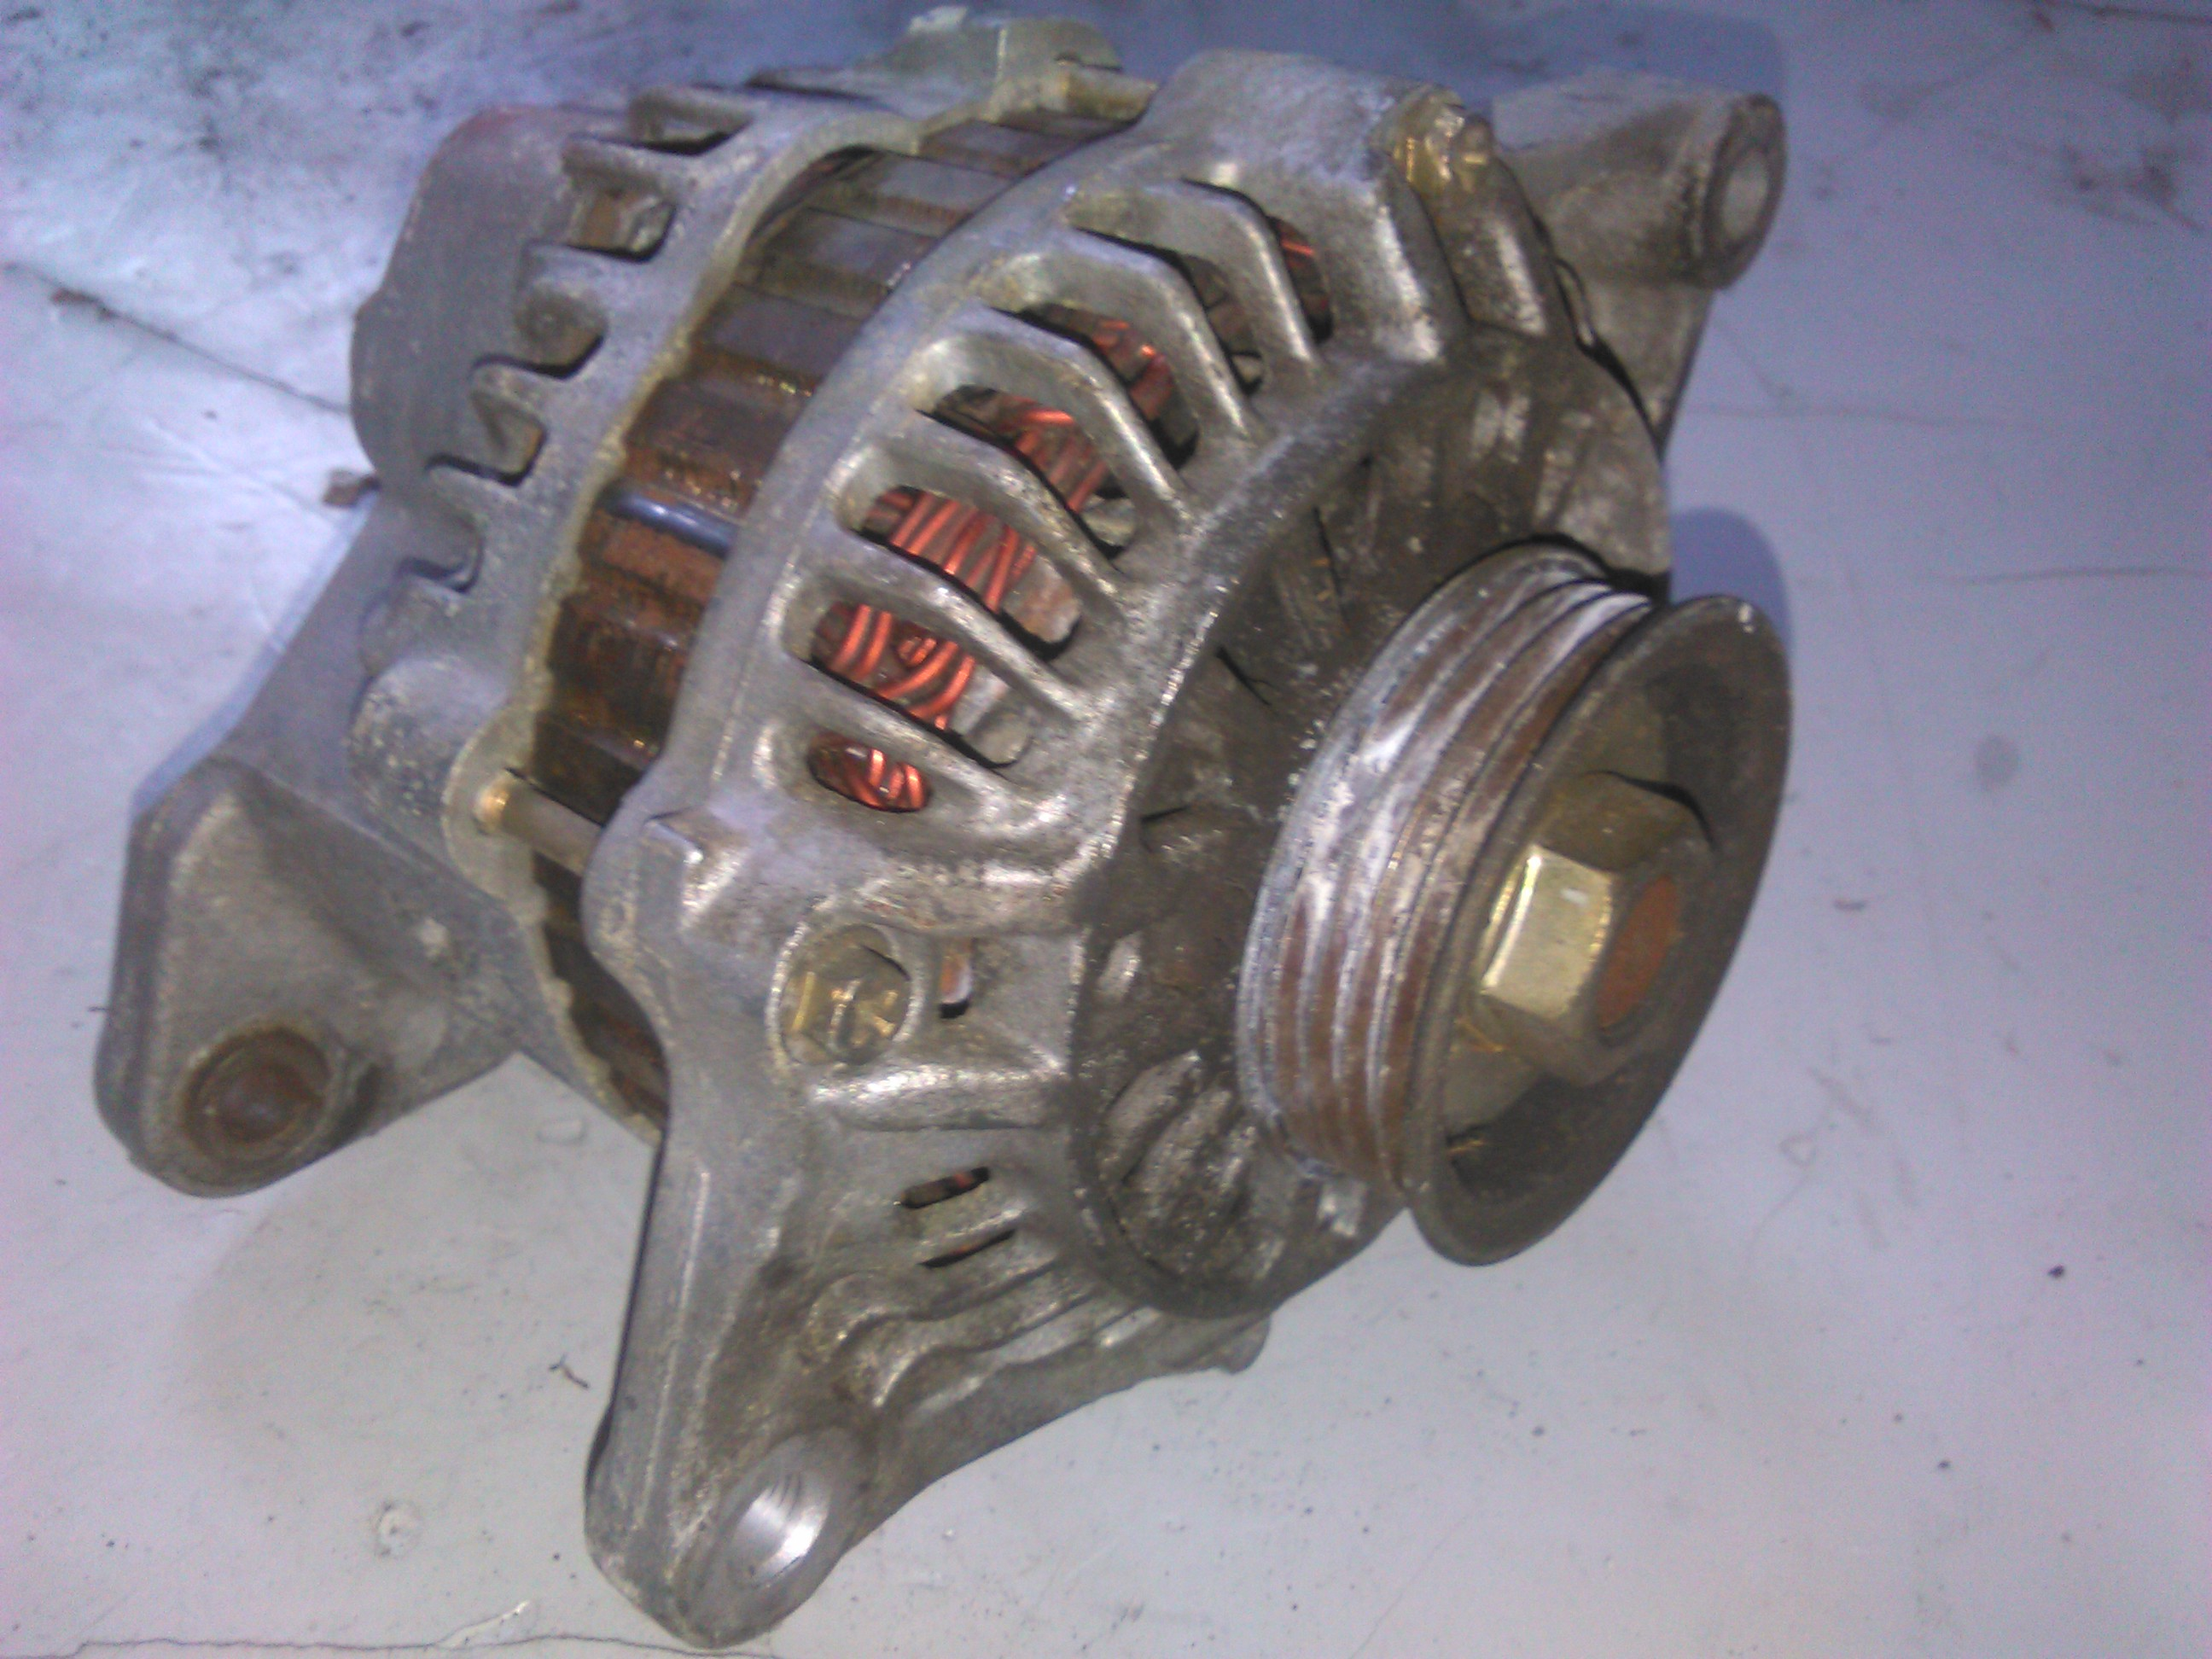 Alternator Nissan Almera 1.4 glx cod 23100-0M010, A5T06891B